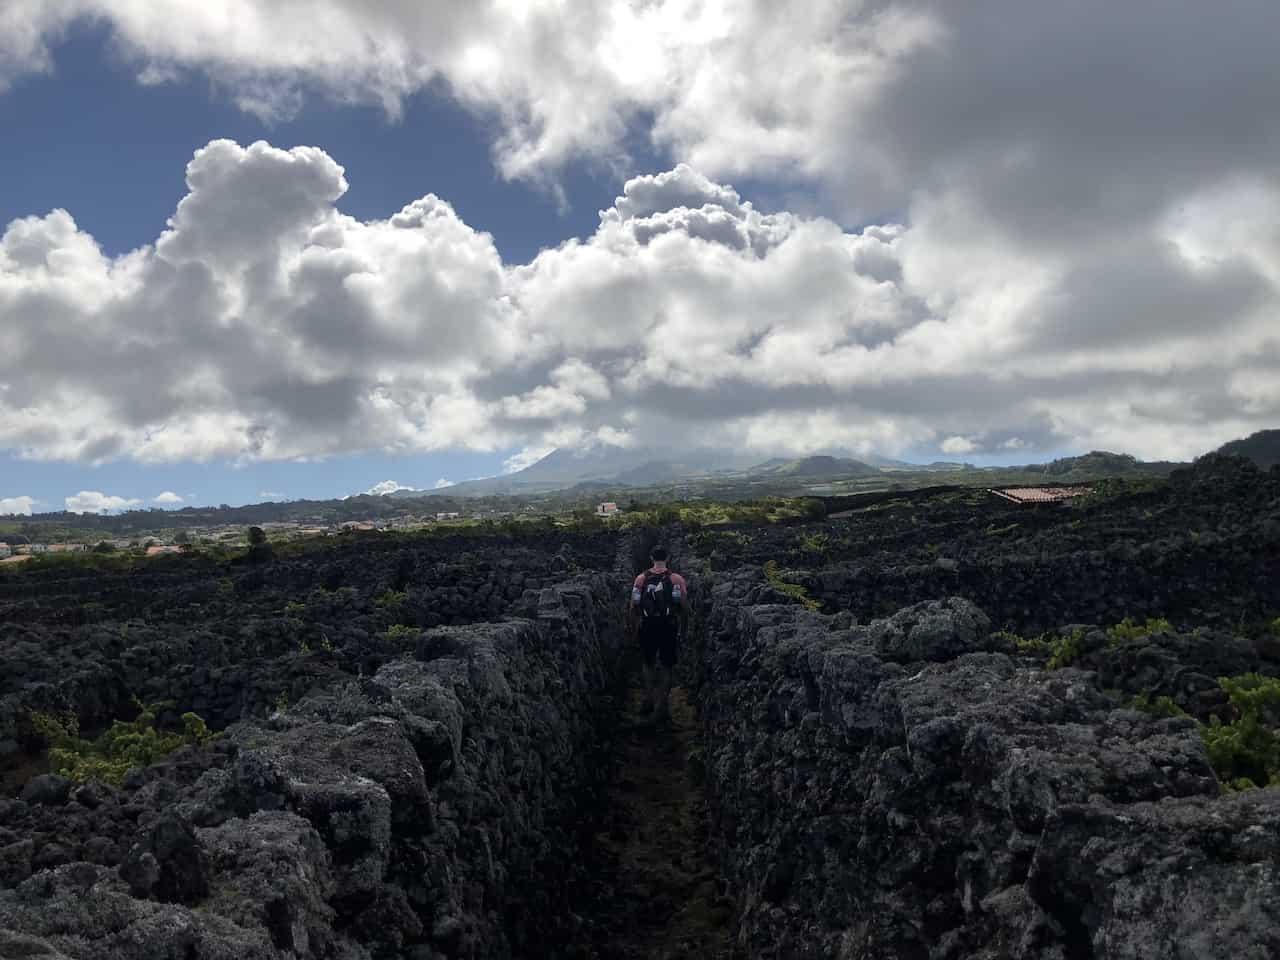 Mount Pico Vineyard